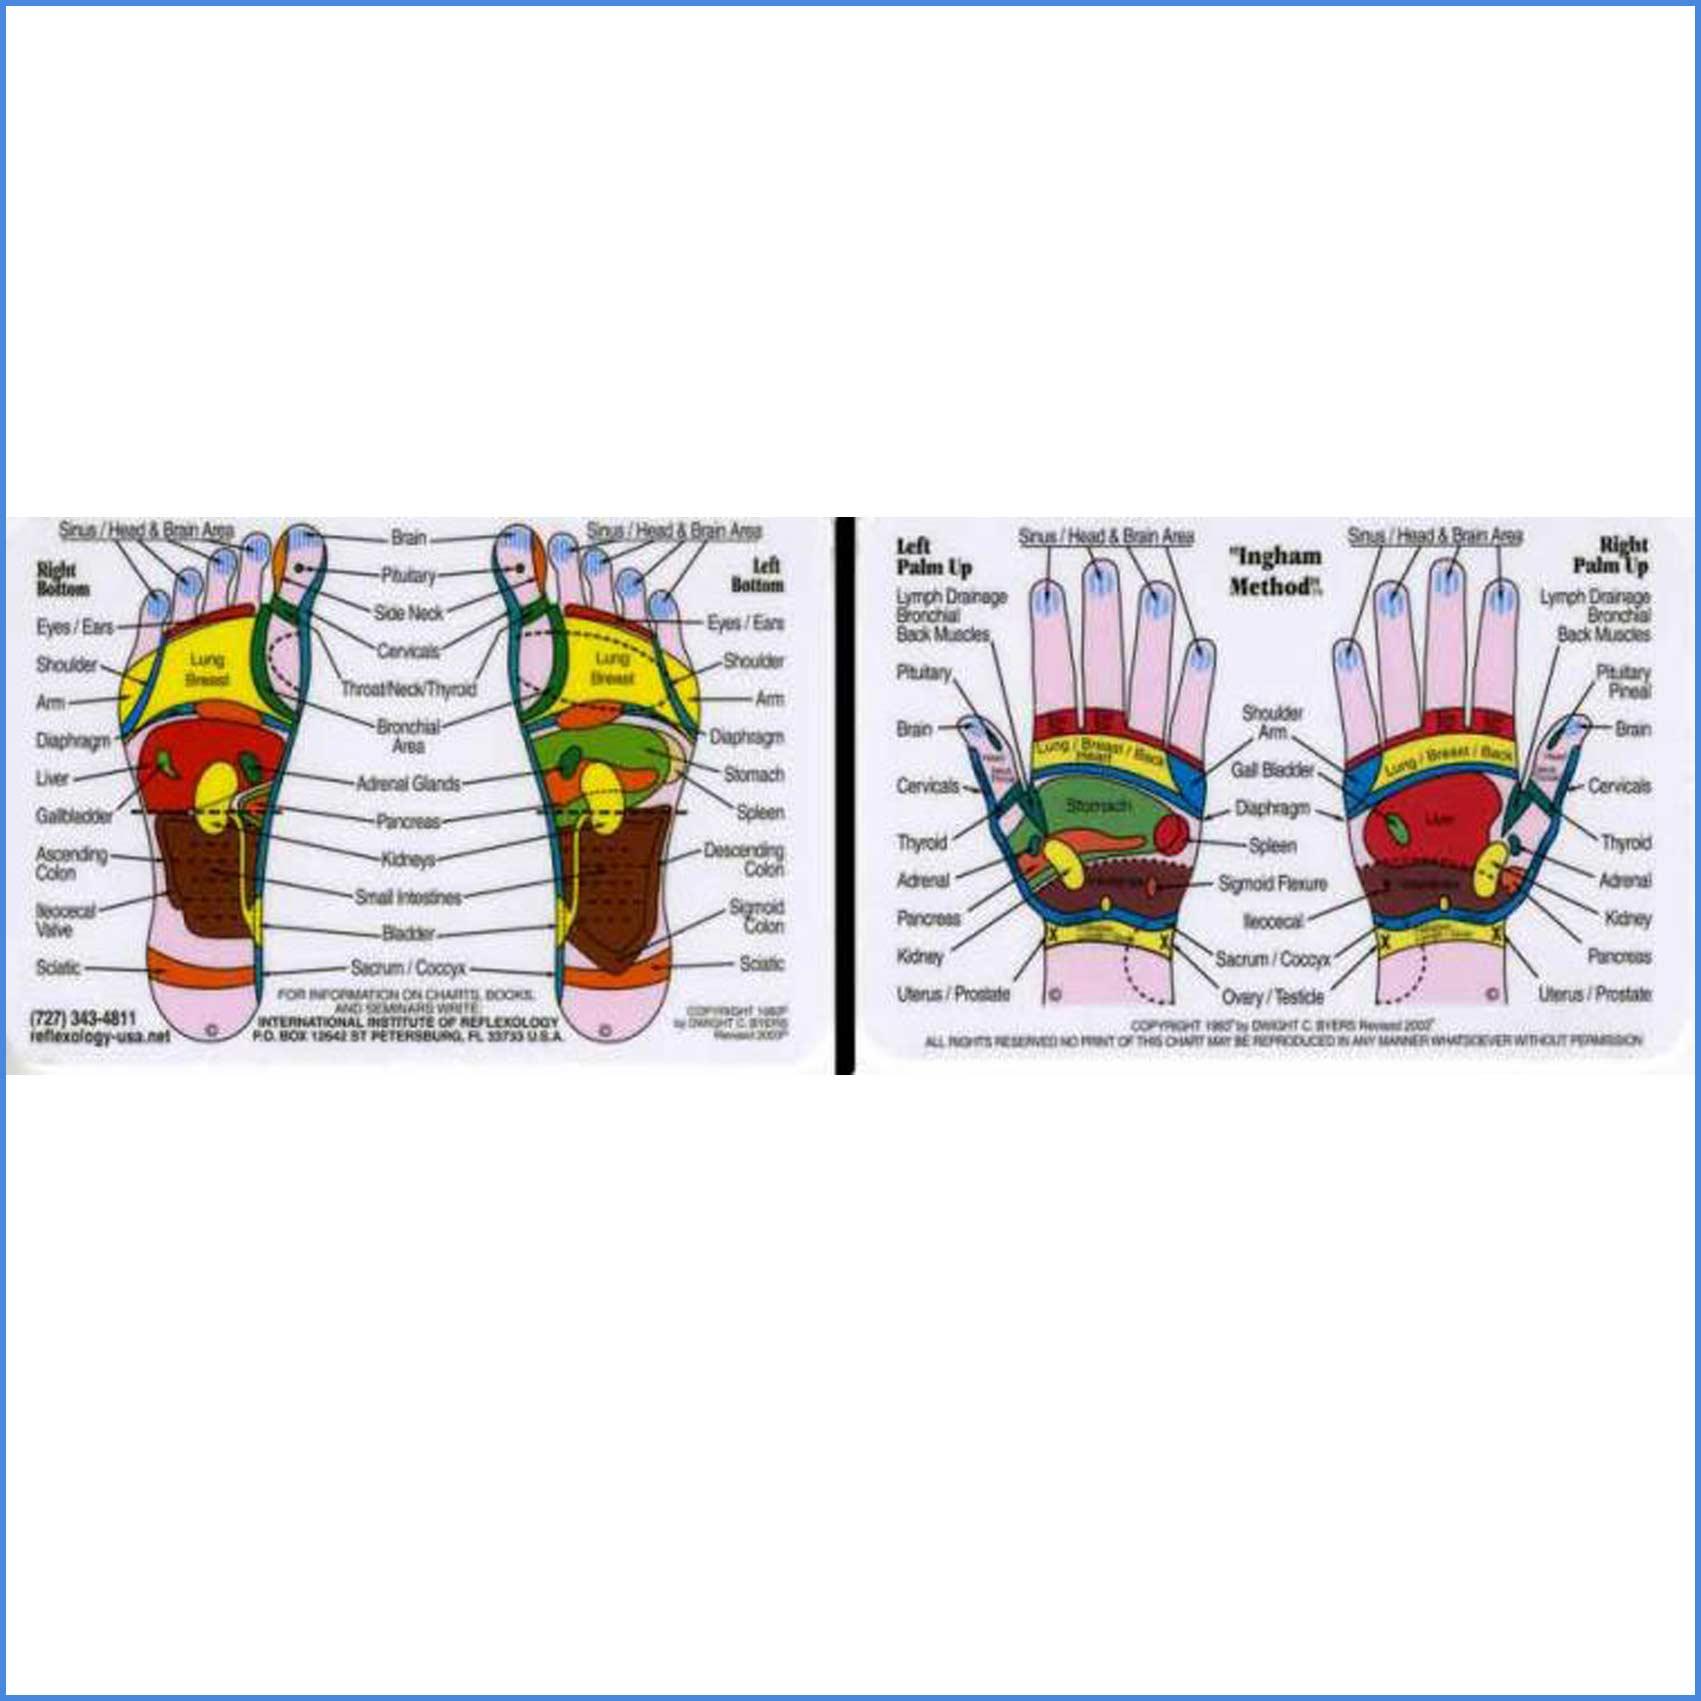 Hand and Foot Wallet Reflexology Chart